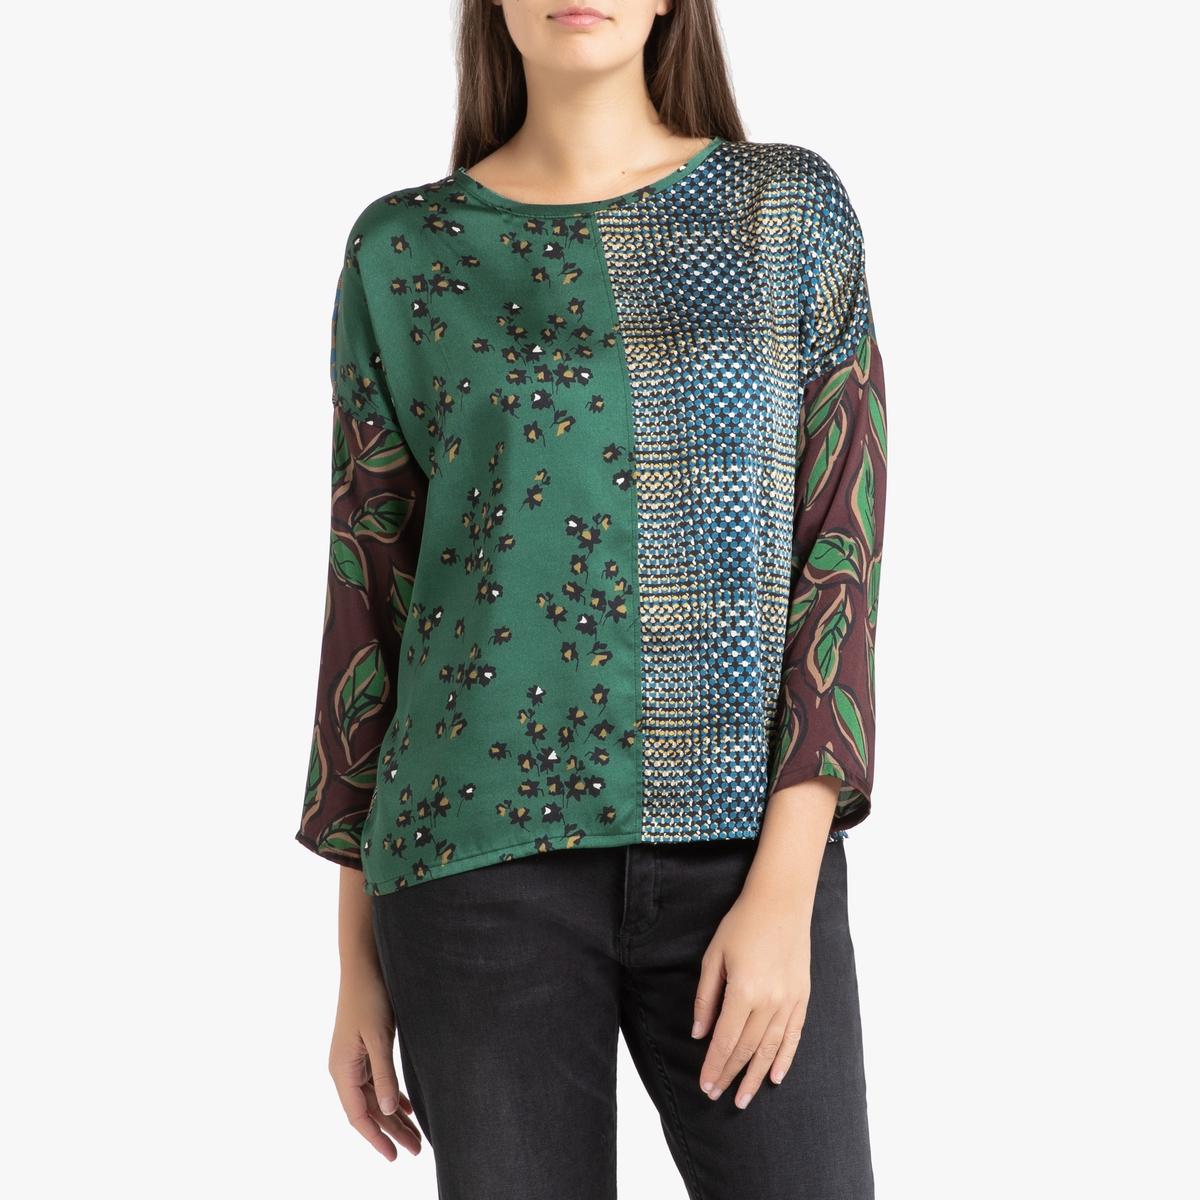 Блузка La Redoute С длинными рукавами TEVY S/M разноцветный блузка с круглым вырезом графическим рисунком и длинными рукавами